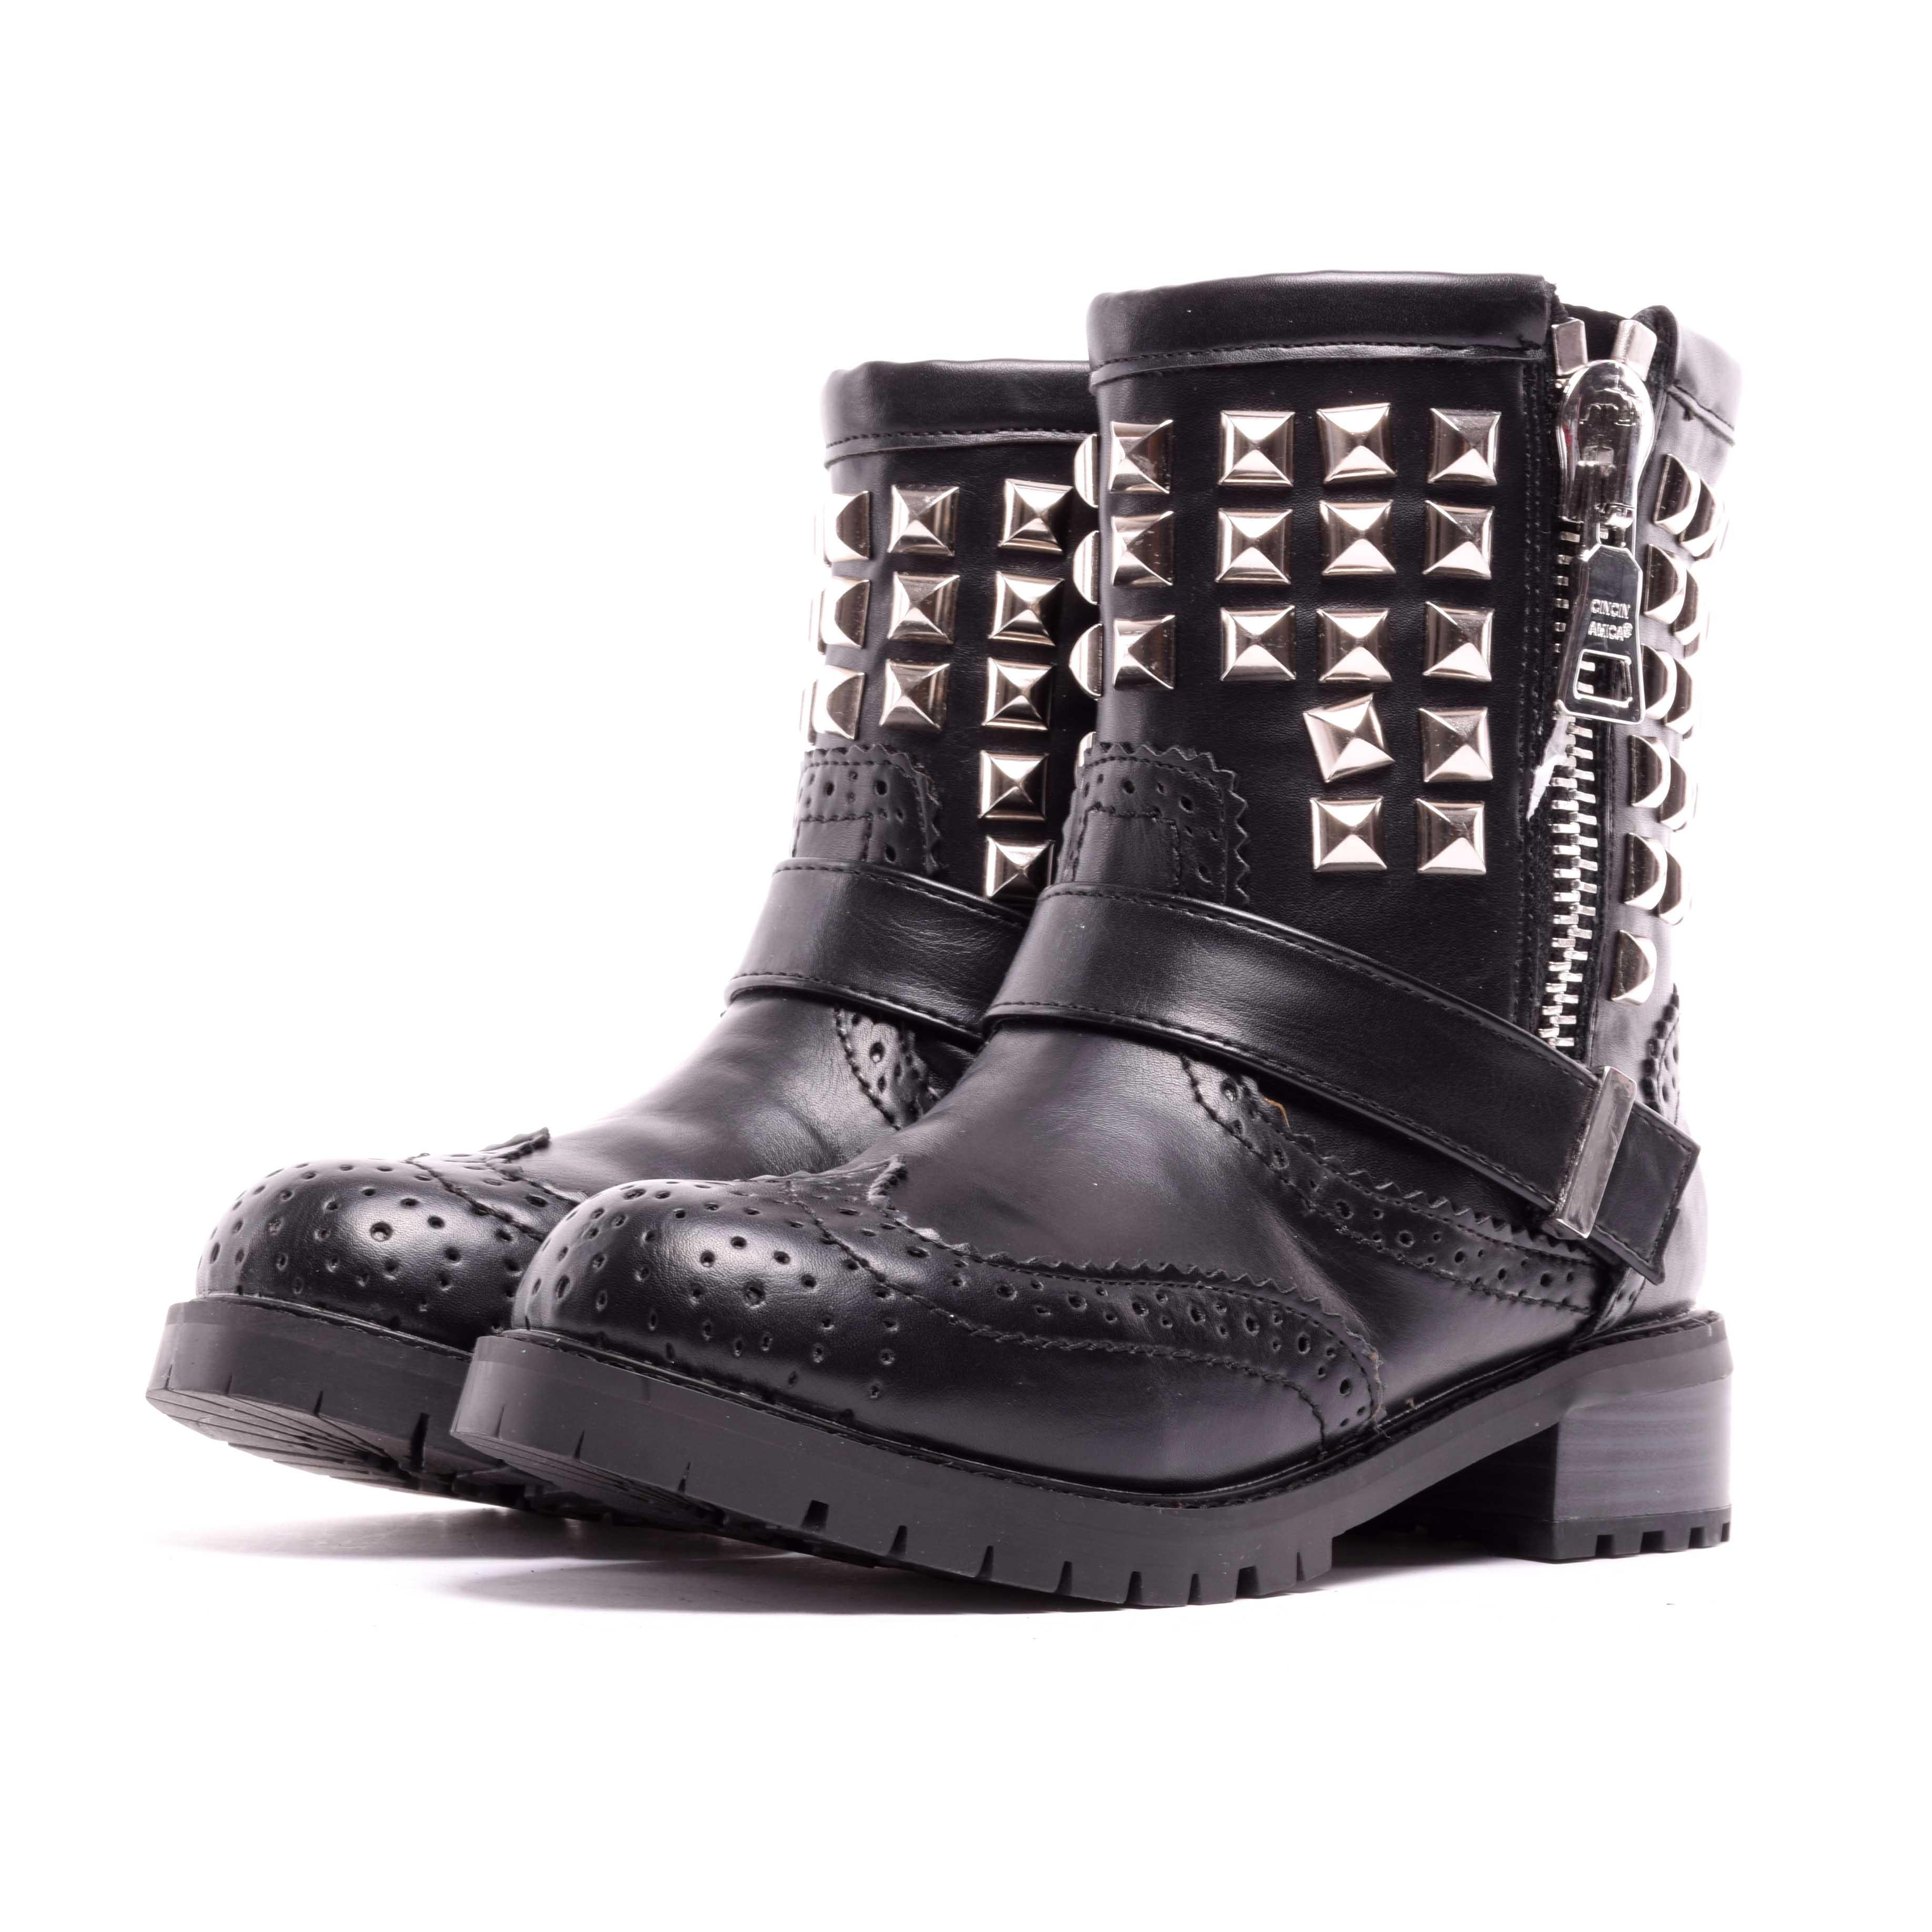 Női Fekete Műbőr Bokacsizma - BAKANCSOK - Női cipő webáruház-női csizmák e4b06858b3